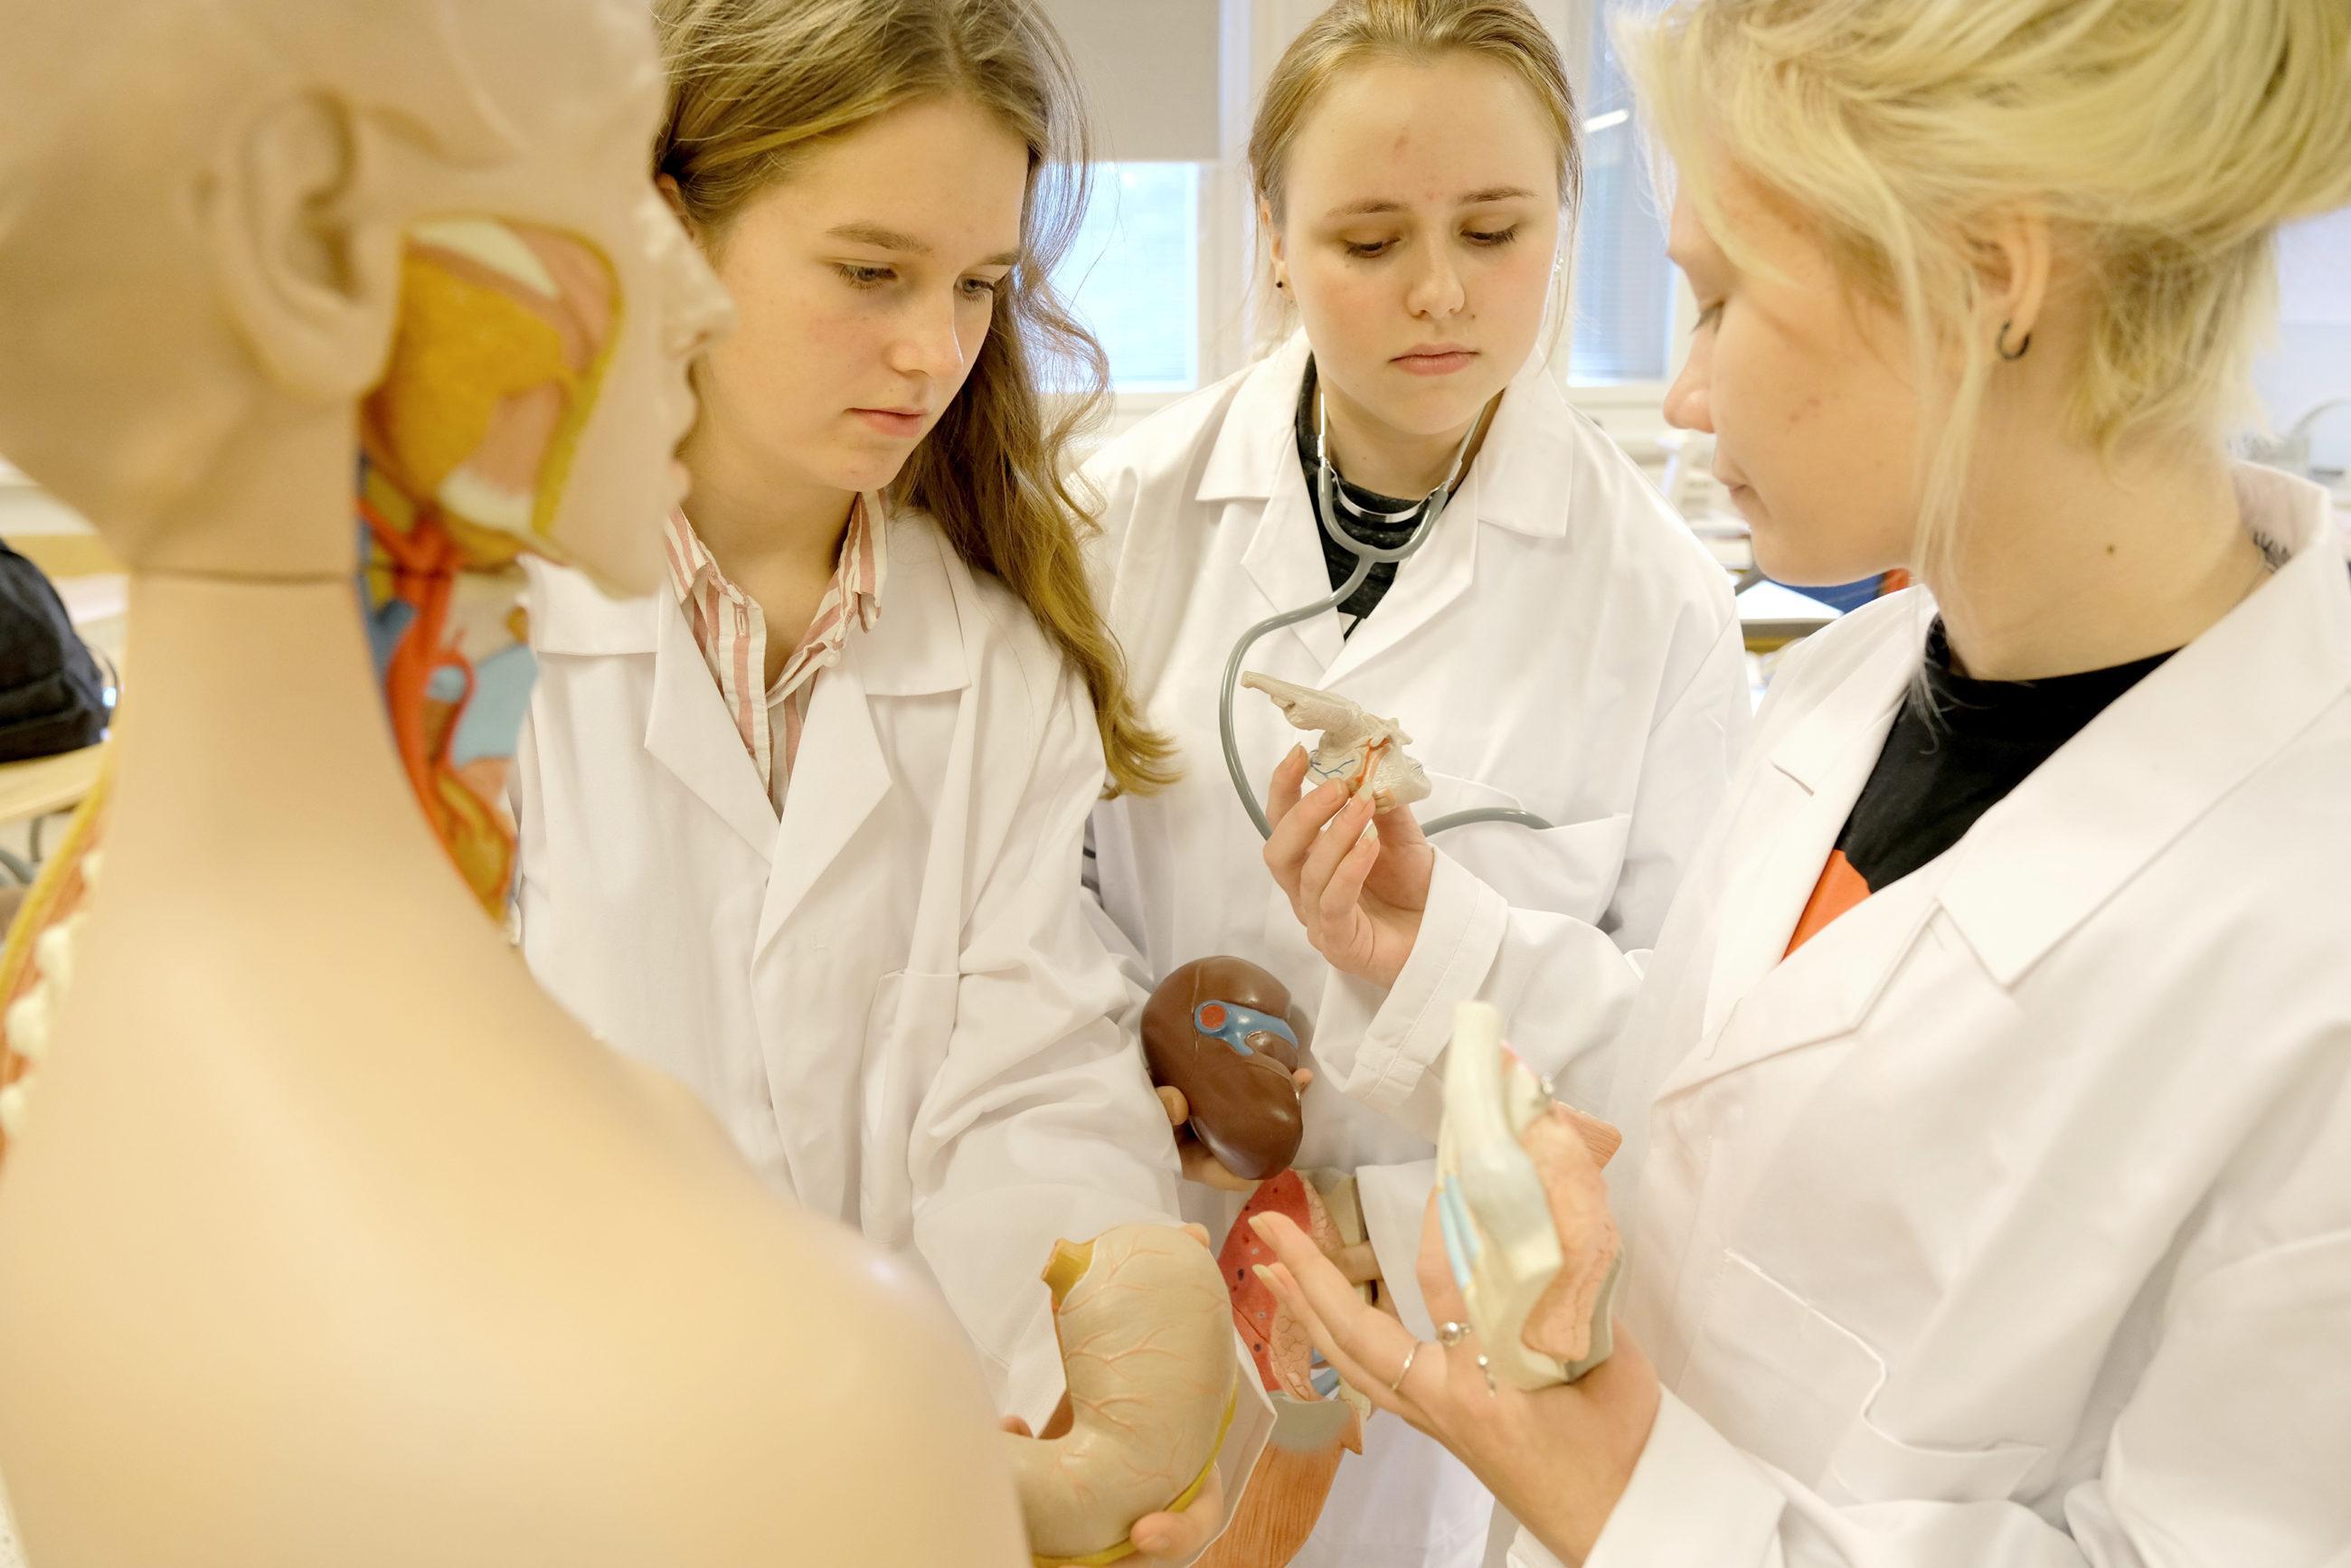 Kolme henkilöä tutkii yhdessä lääketietellisiä havaintovälineitä, henkilöillä päällään valkoiset laboratoriotakit, etualalla havaintomallinukke ihmisen anatomiasta.